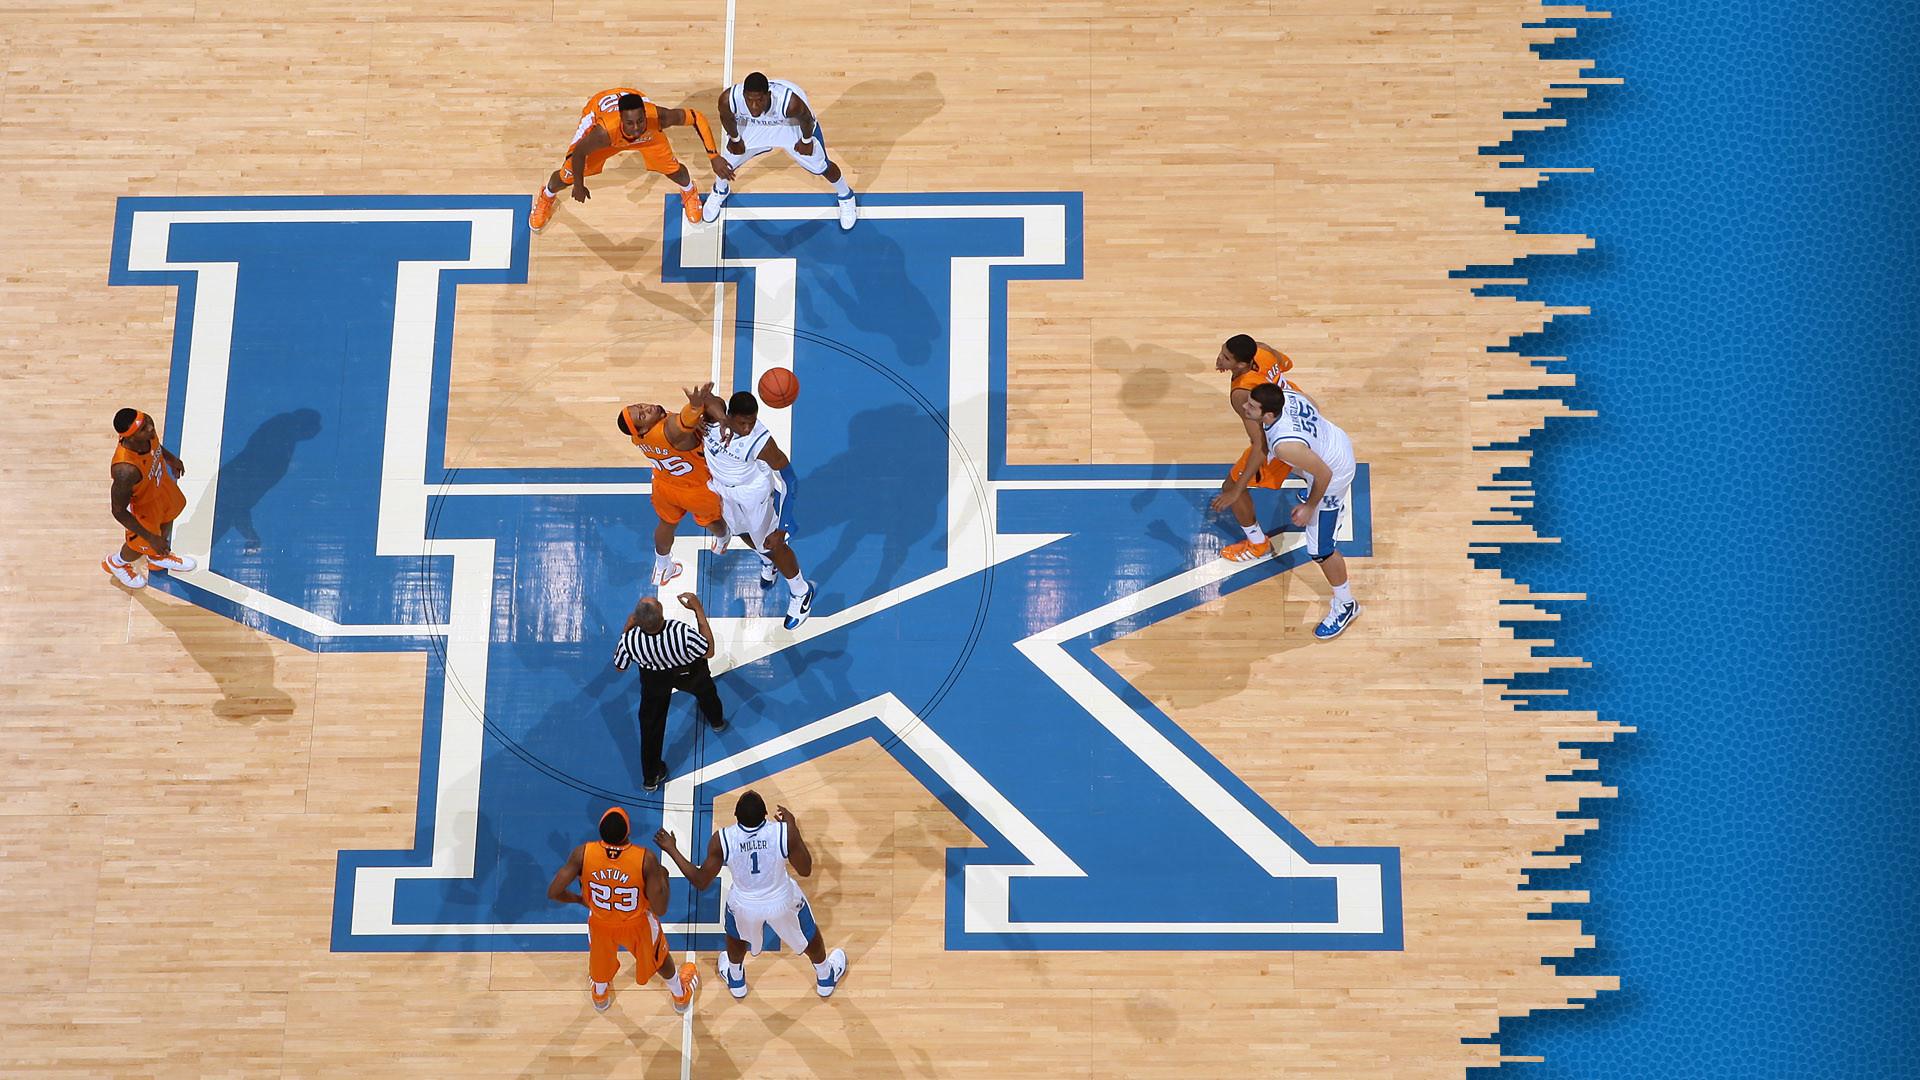 Aerial Kentucky Men's Basketball Desktop Wallpaper